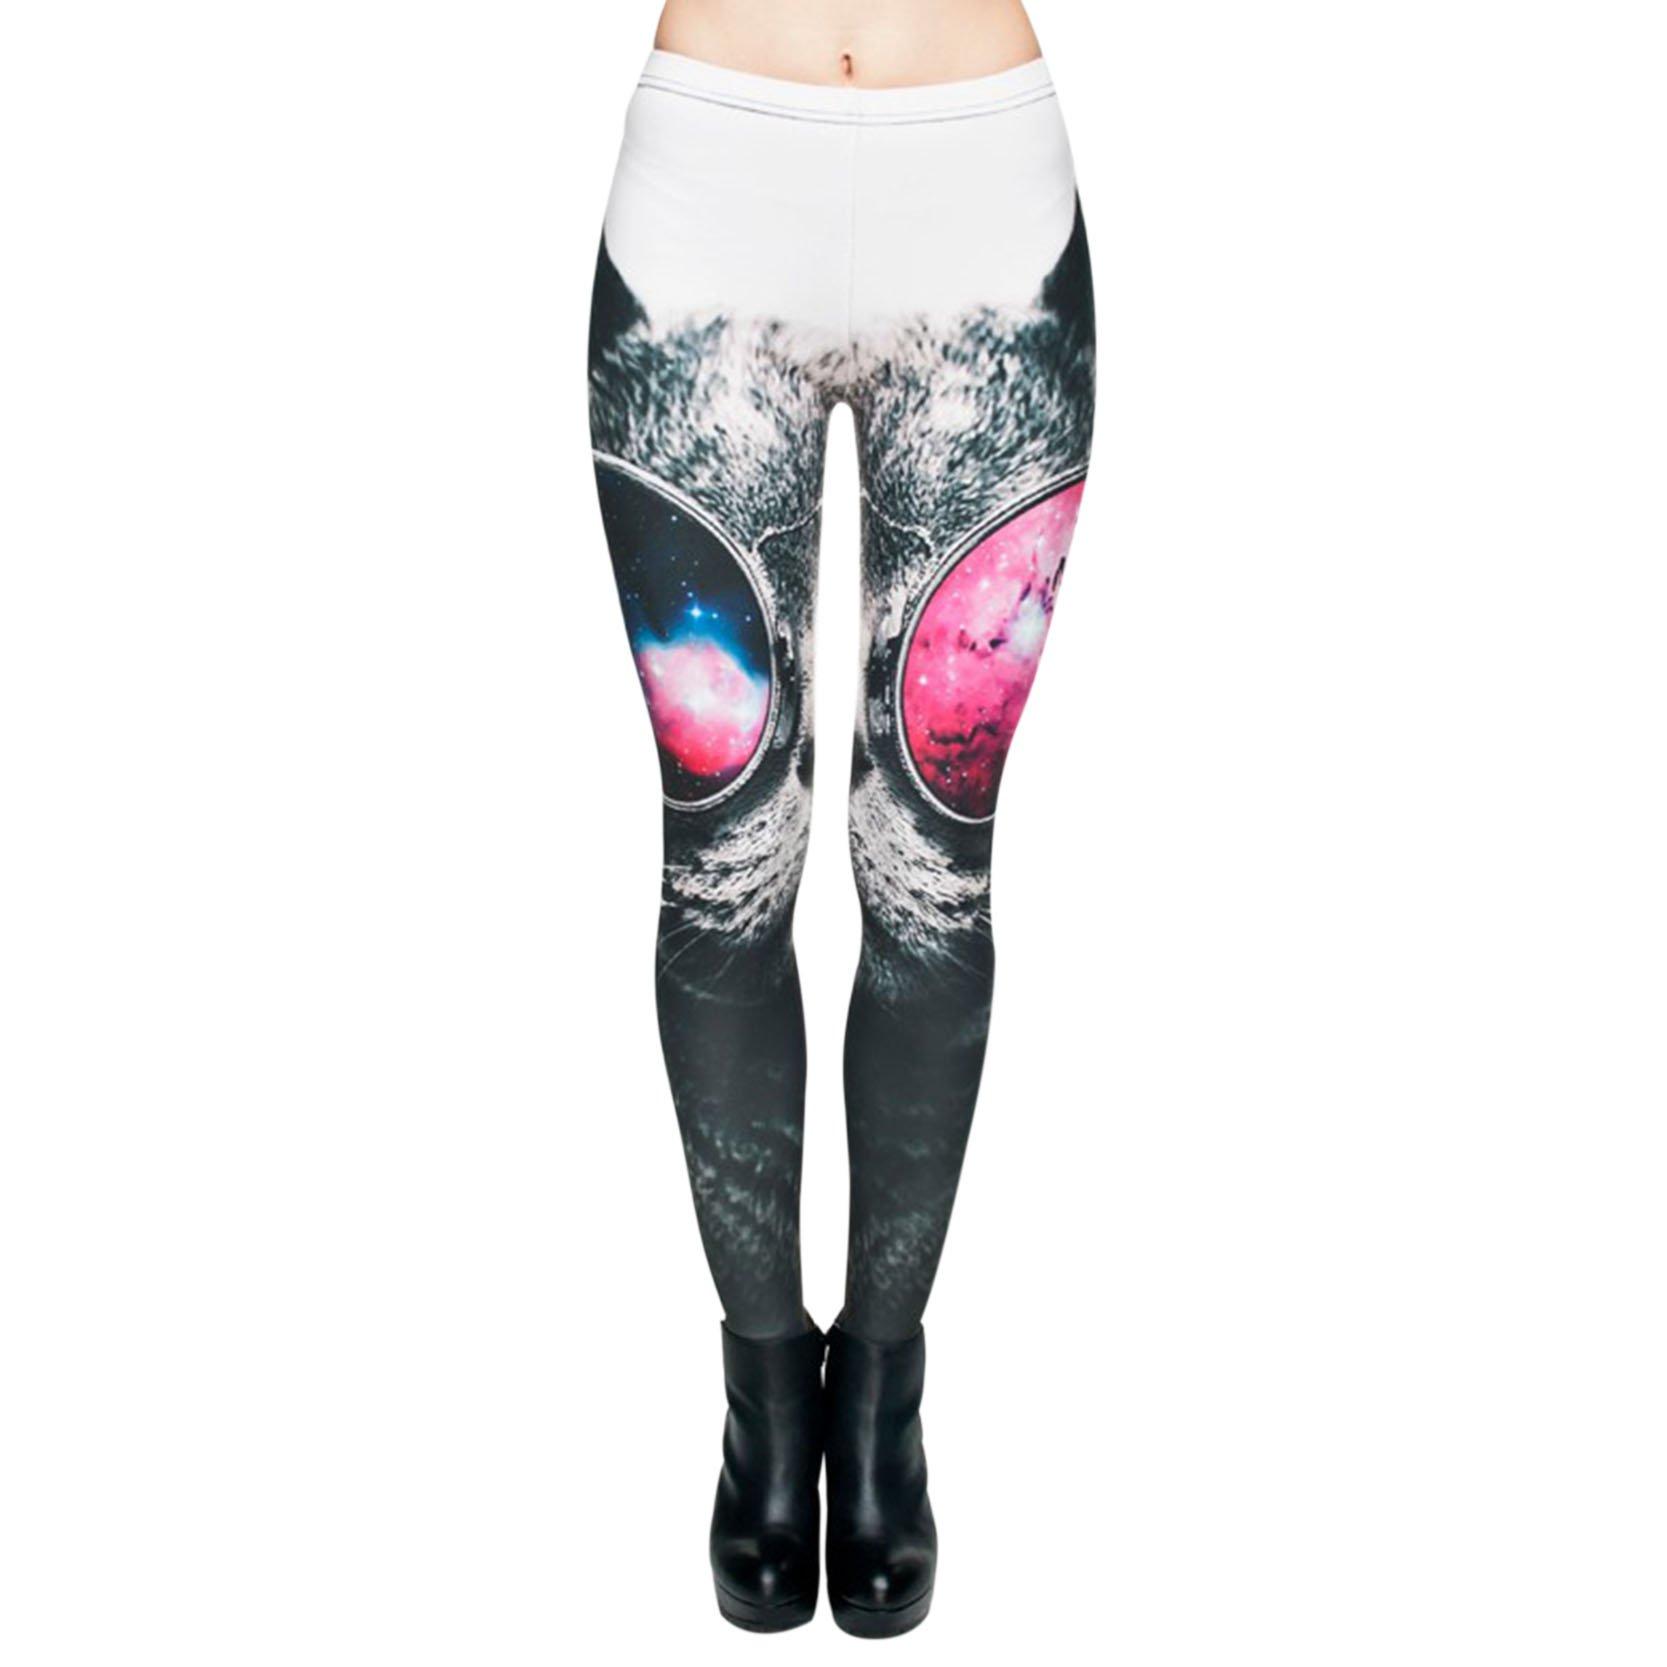 Sunglasses Cat Leggings Cool Printed Leggings Sexy Slim Women Pants